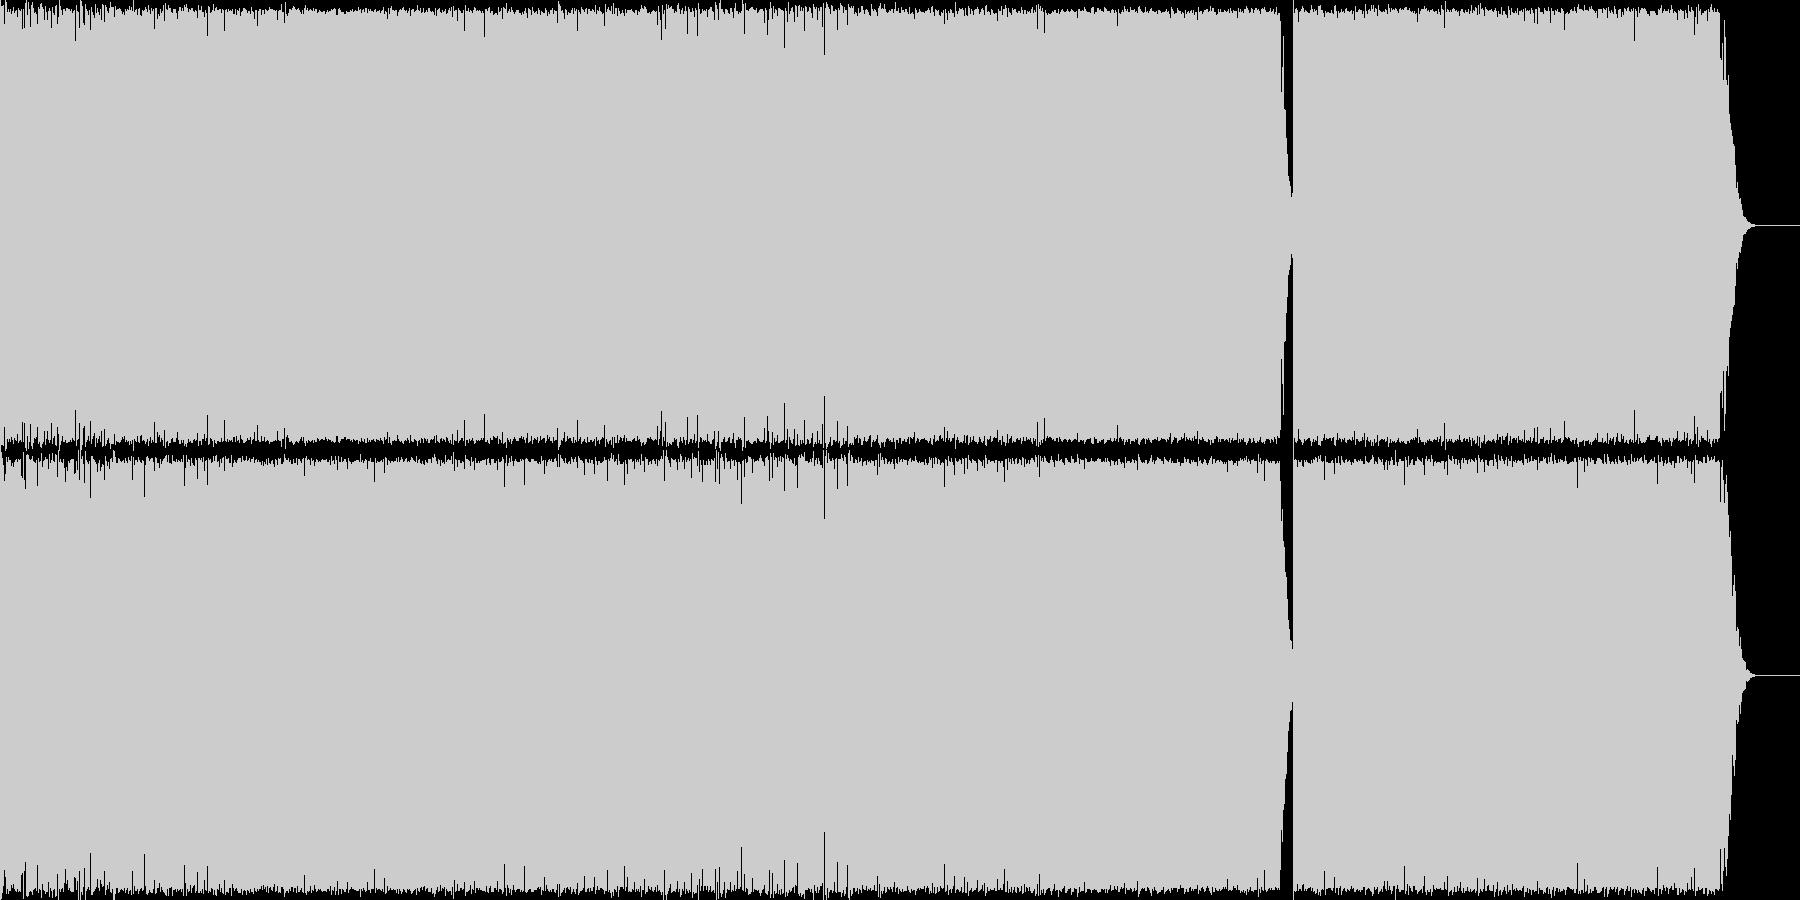 勢いのあるEDMの未再生の波形